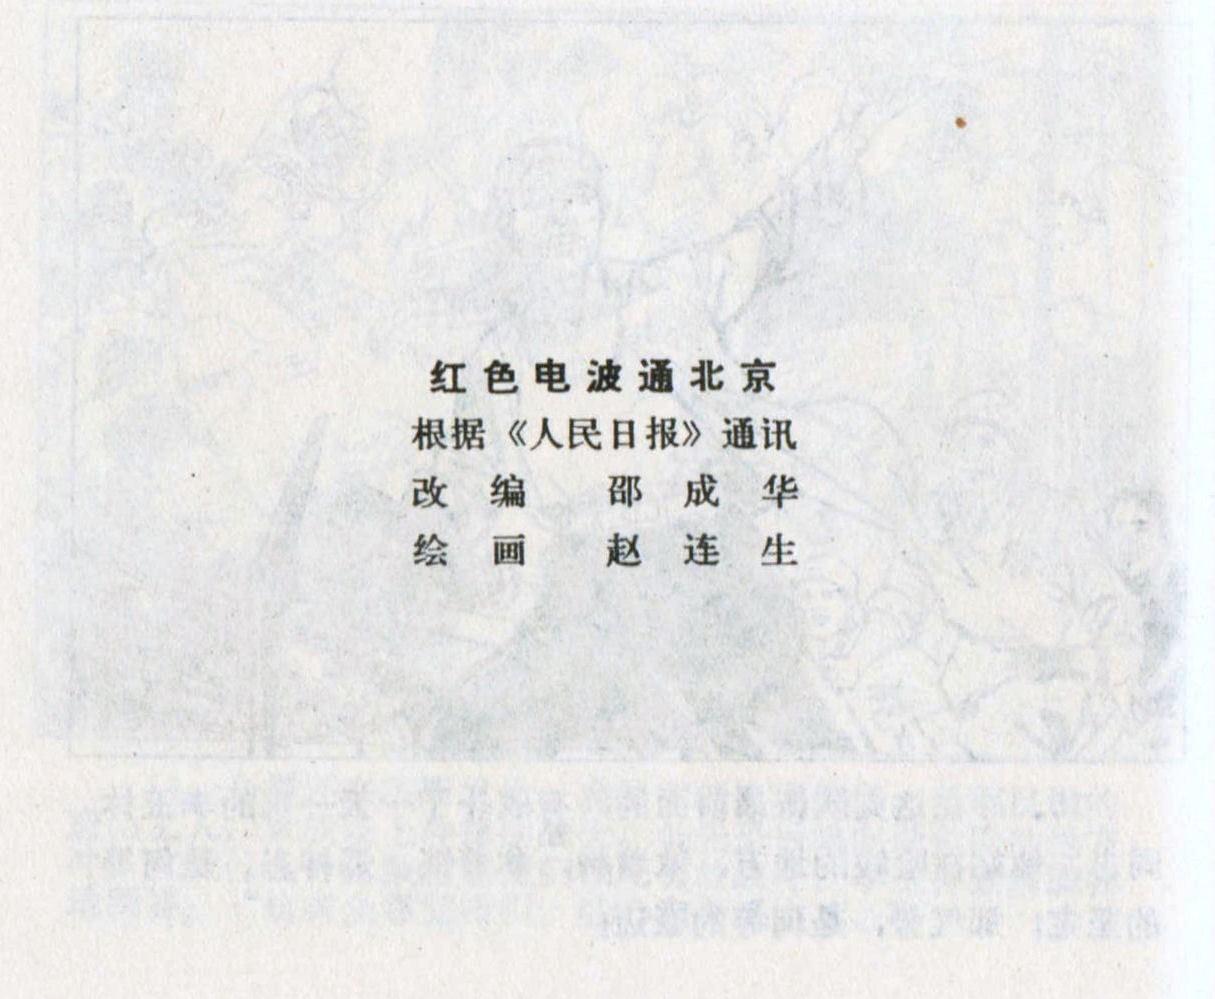 连环画-唐山大地震的故事红色电波通北京